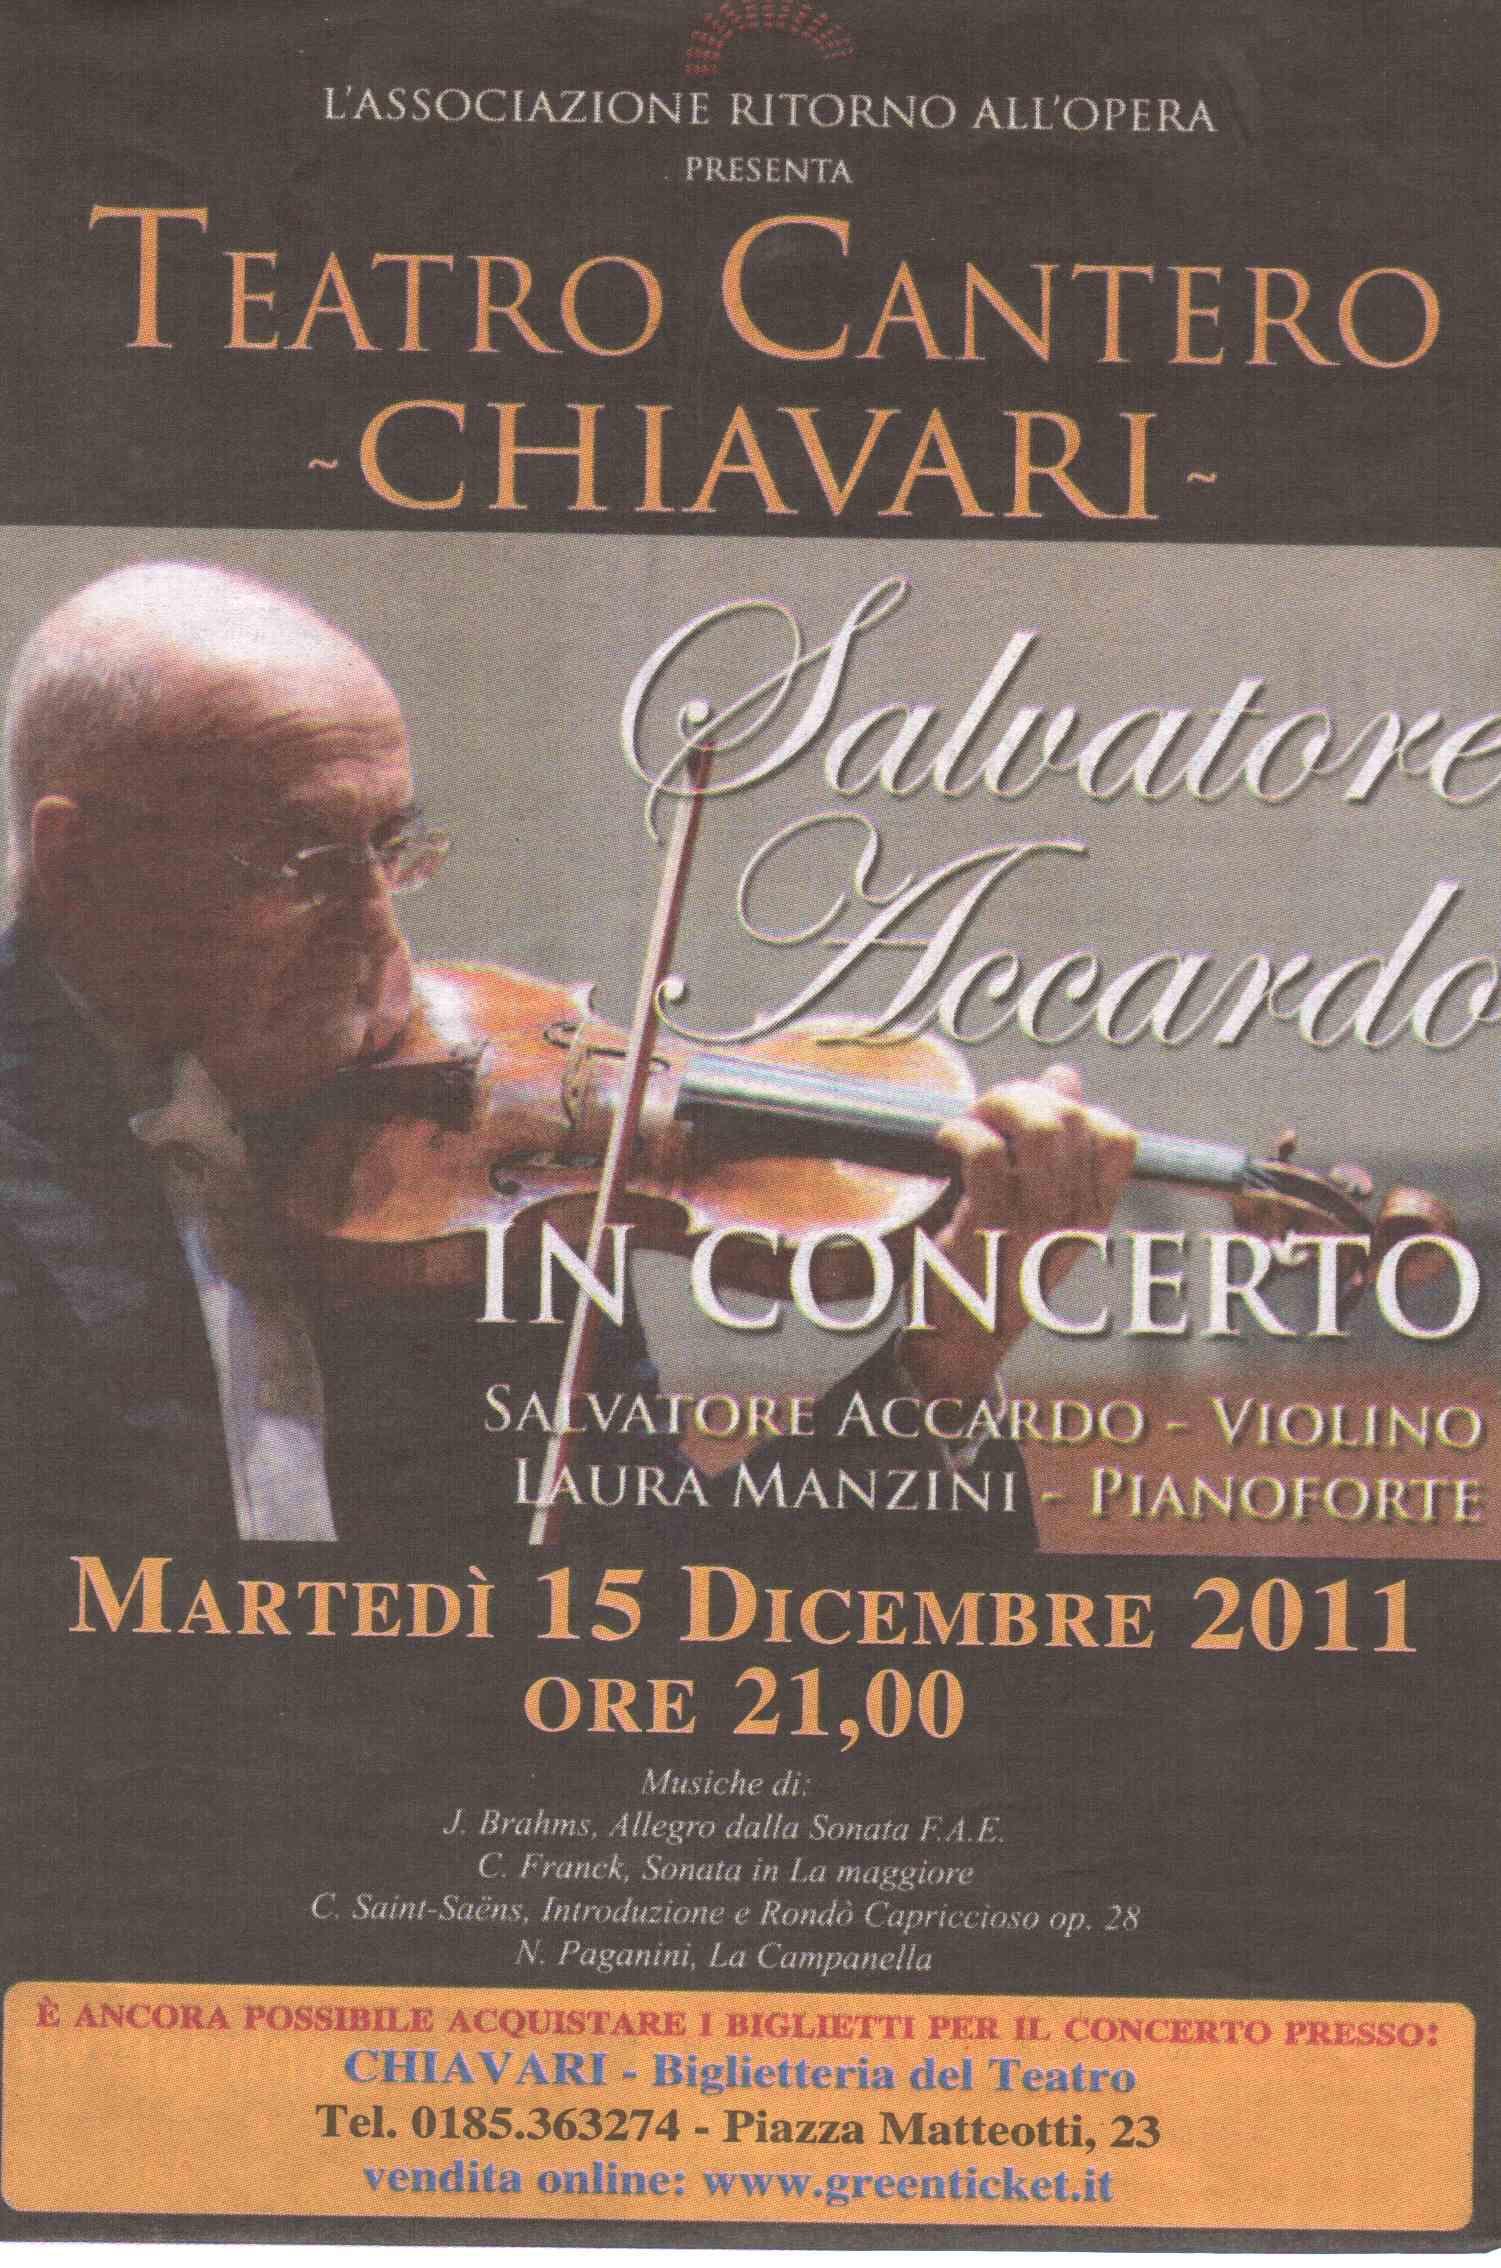 08.12.2011 – IL NUOVO LEVANTE – Salvatore Accardo in Concerto